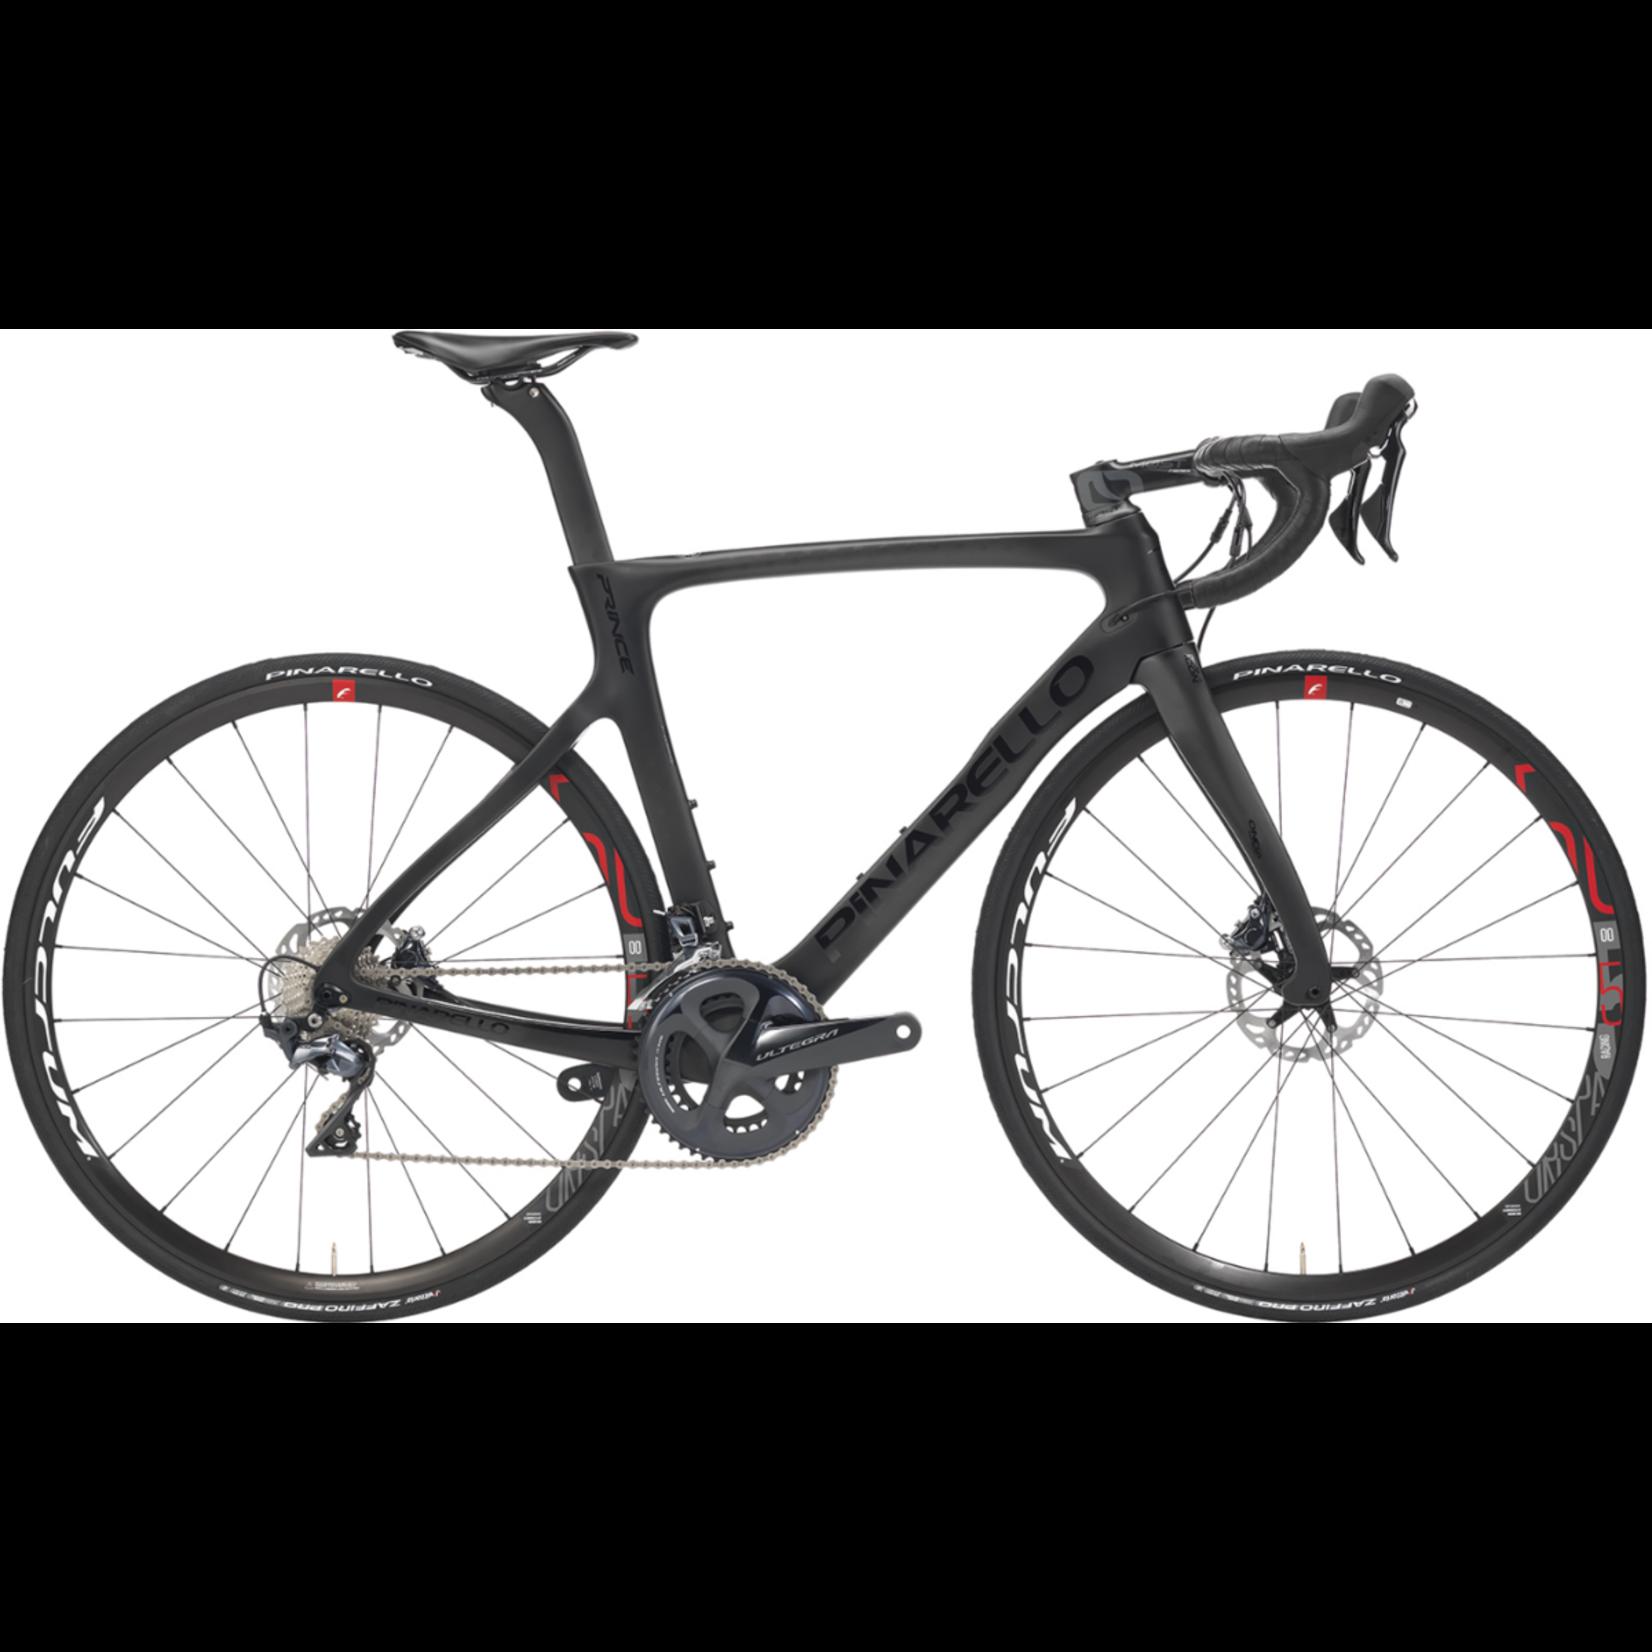 Pinarello Bike Pinarello Prince Disc Ultegra Black On Black